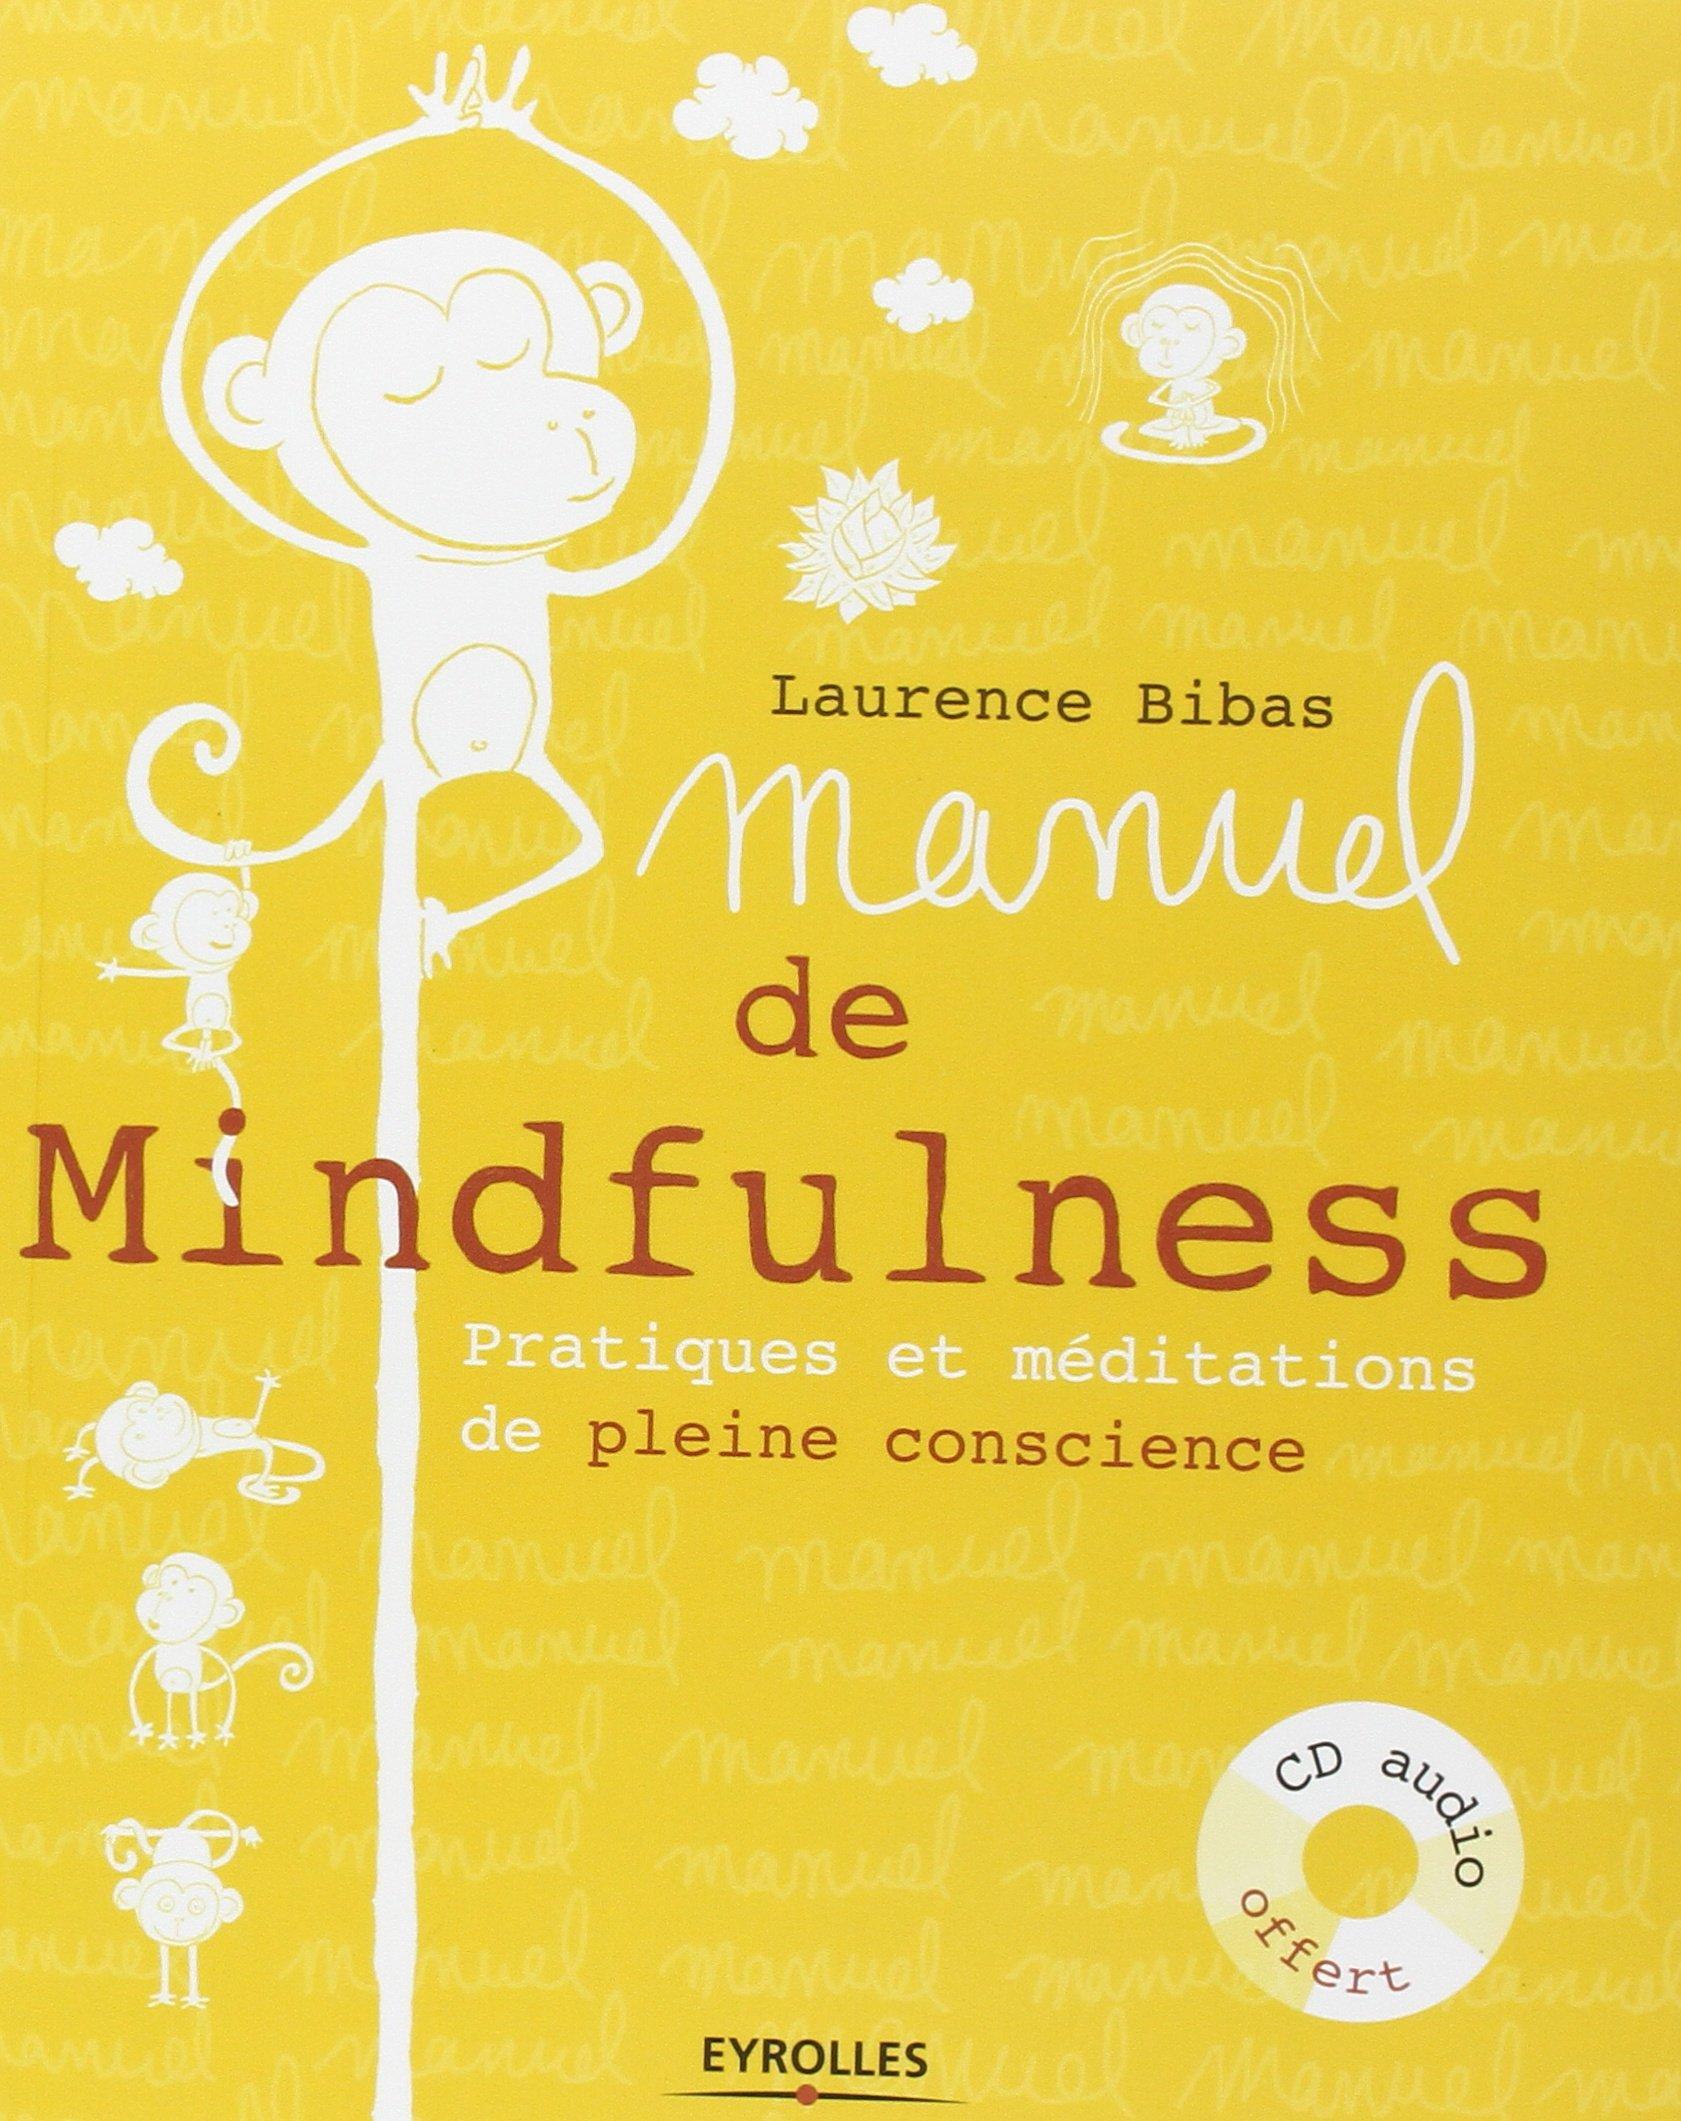 Le manuel de Mindfulness de